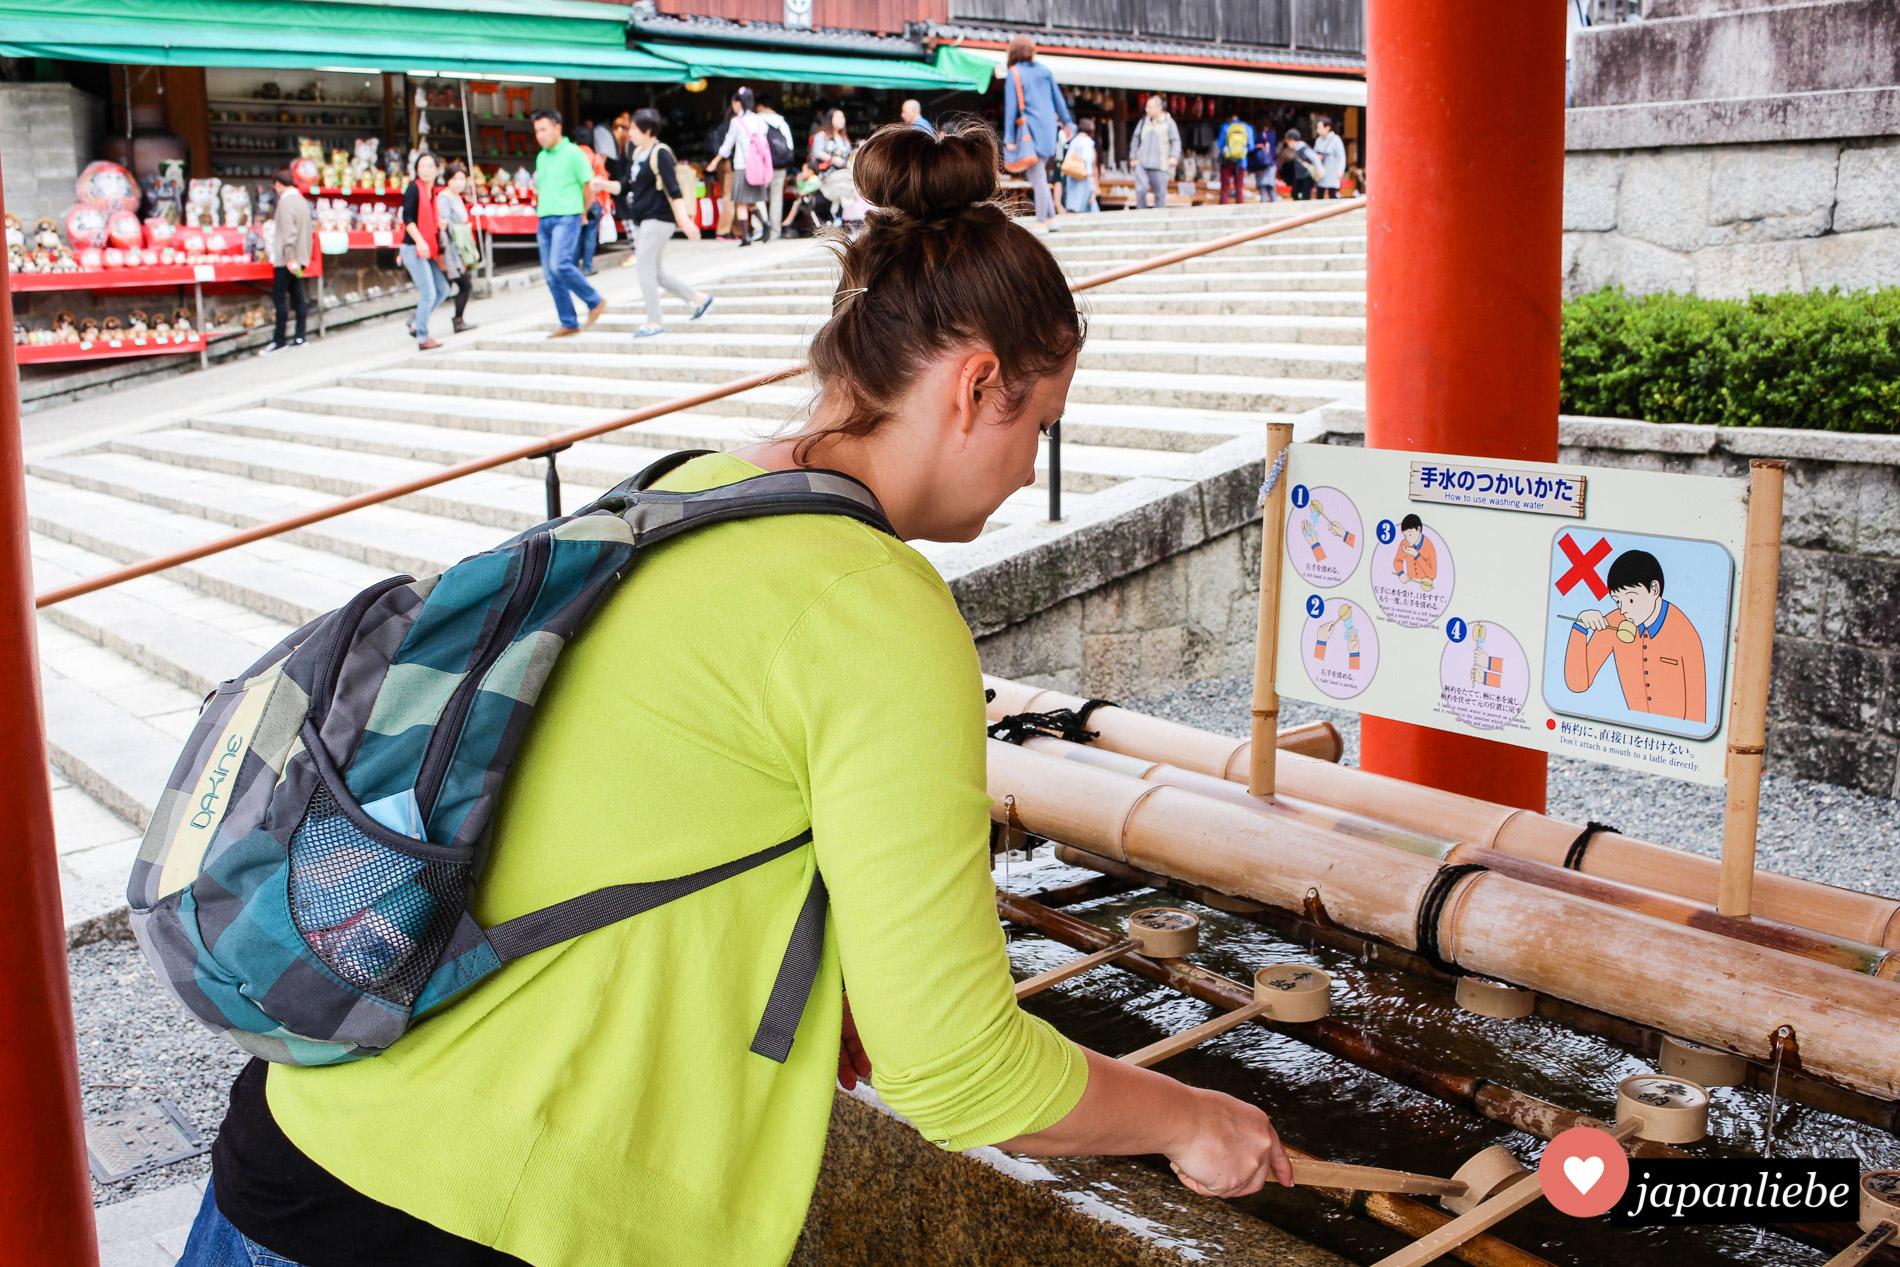 Ich halte es wie die Japaner und reinige mir vor jedem Schreinbesuch die Hände (und symbolisch den Mund).